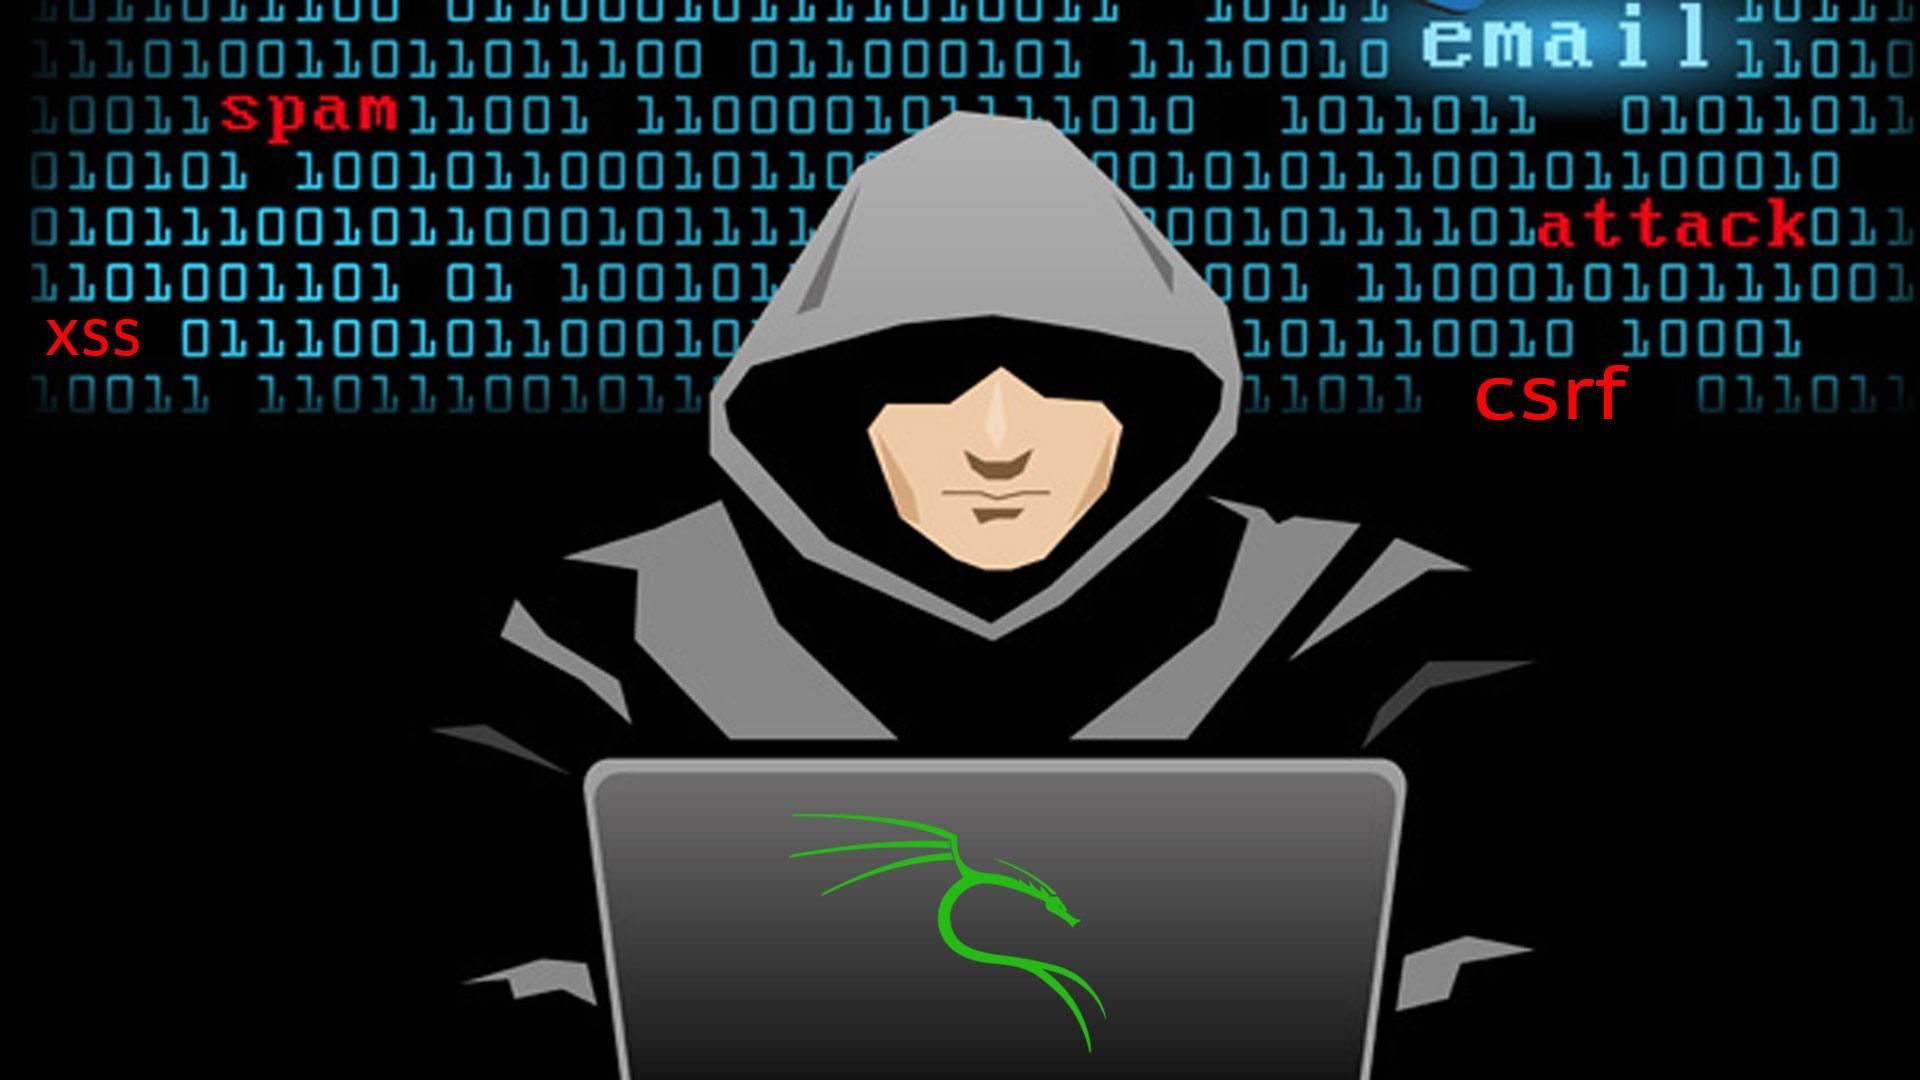 از کجا بفهمیم که سرور لینوکسی ما در معرض خطر (هک) قرار گرفته؟